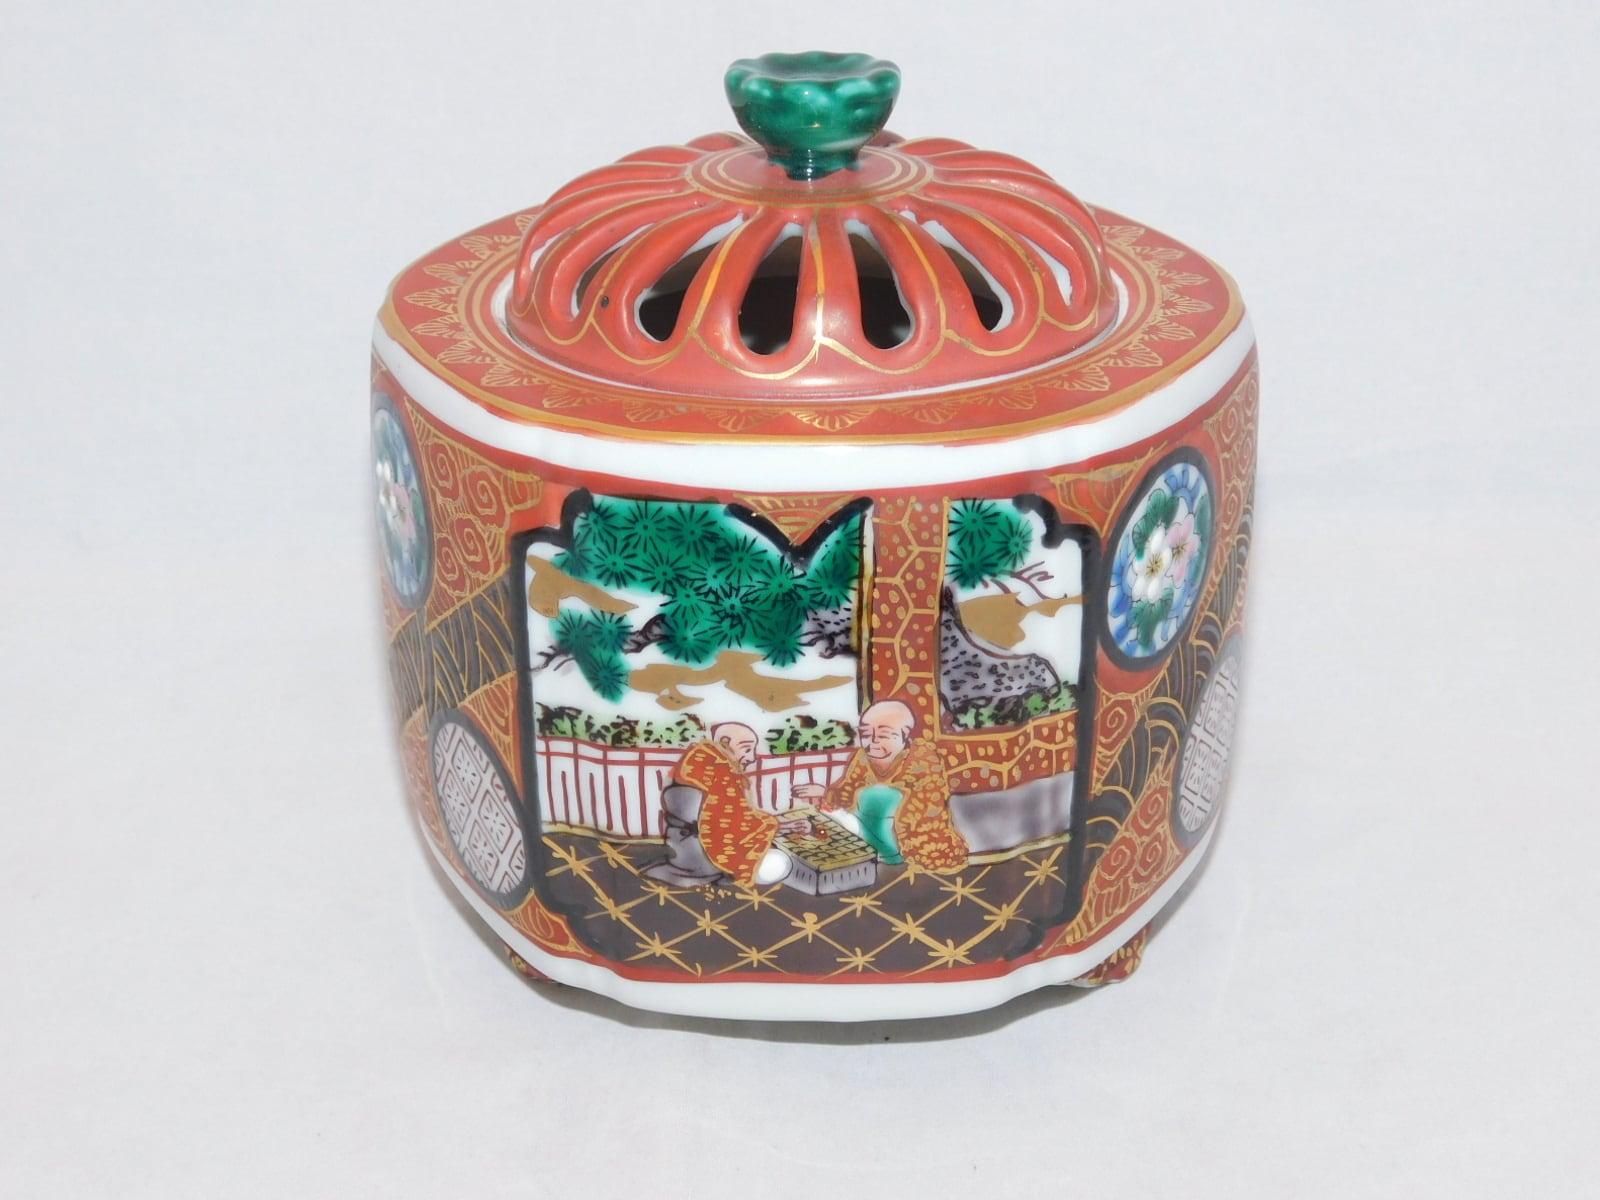 九谷庄三香炉 Kutani porcelain incense burner (Syouza kiln)